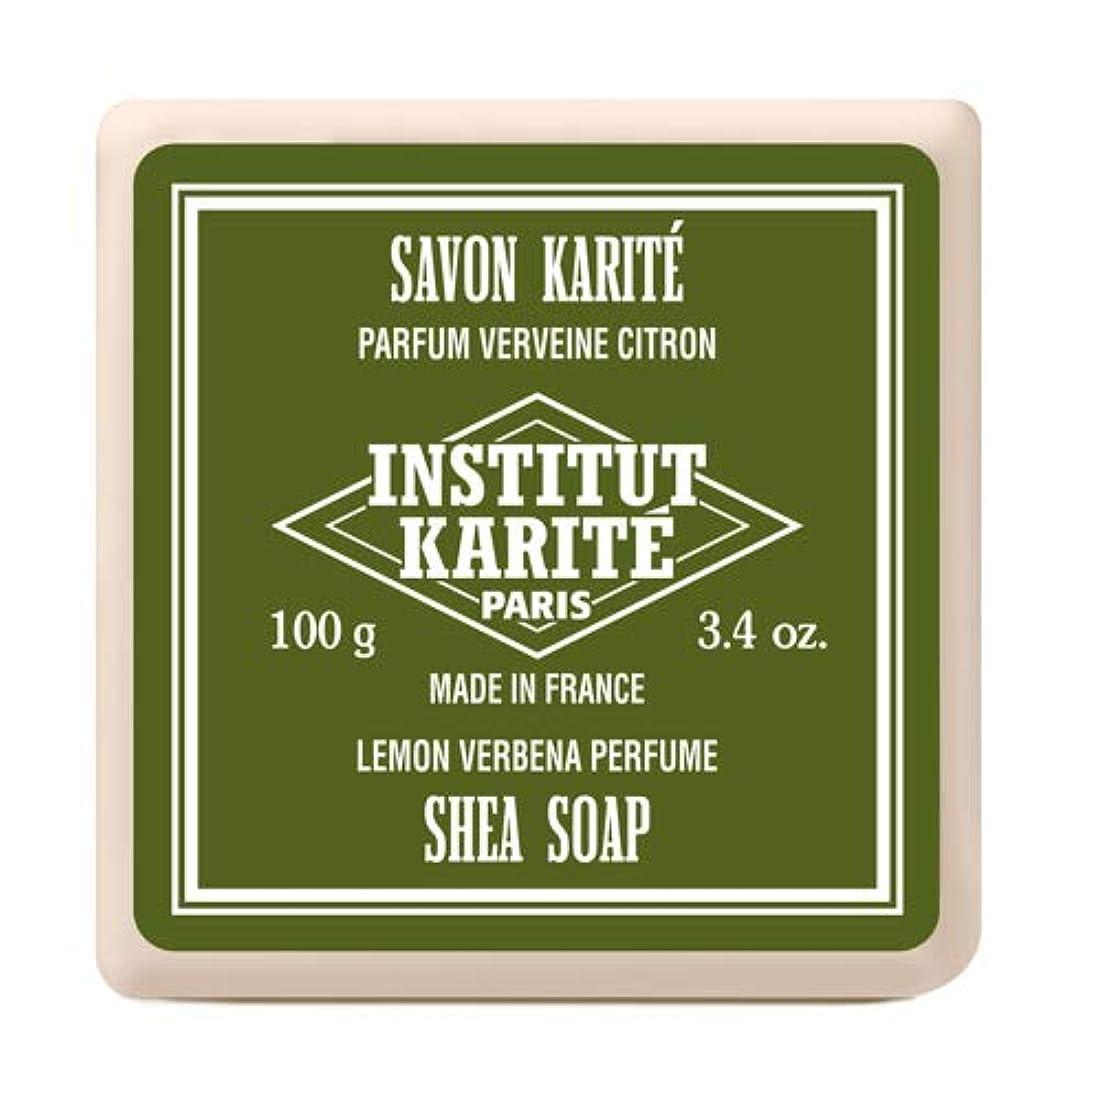 湿気の多い評価可能領事館INSTITUT KARITE インスティテュート カリテ Shea Wrapped Soap シアソープ 100g Lemon Vervena レモンバーベナ